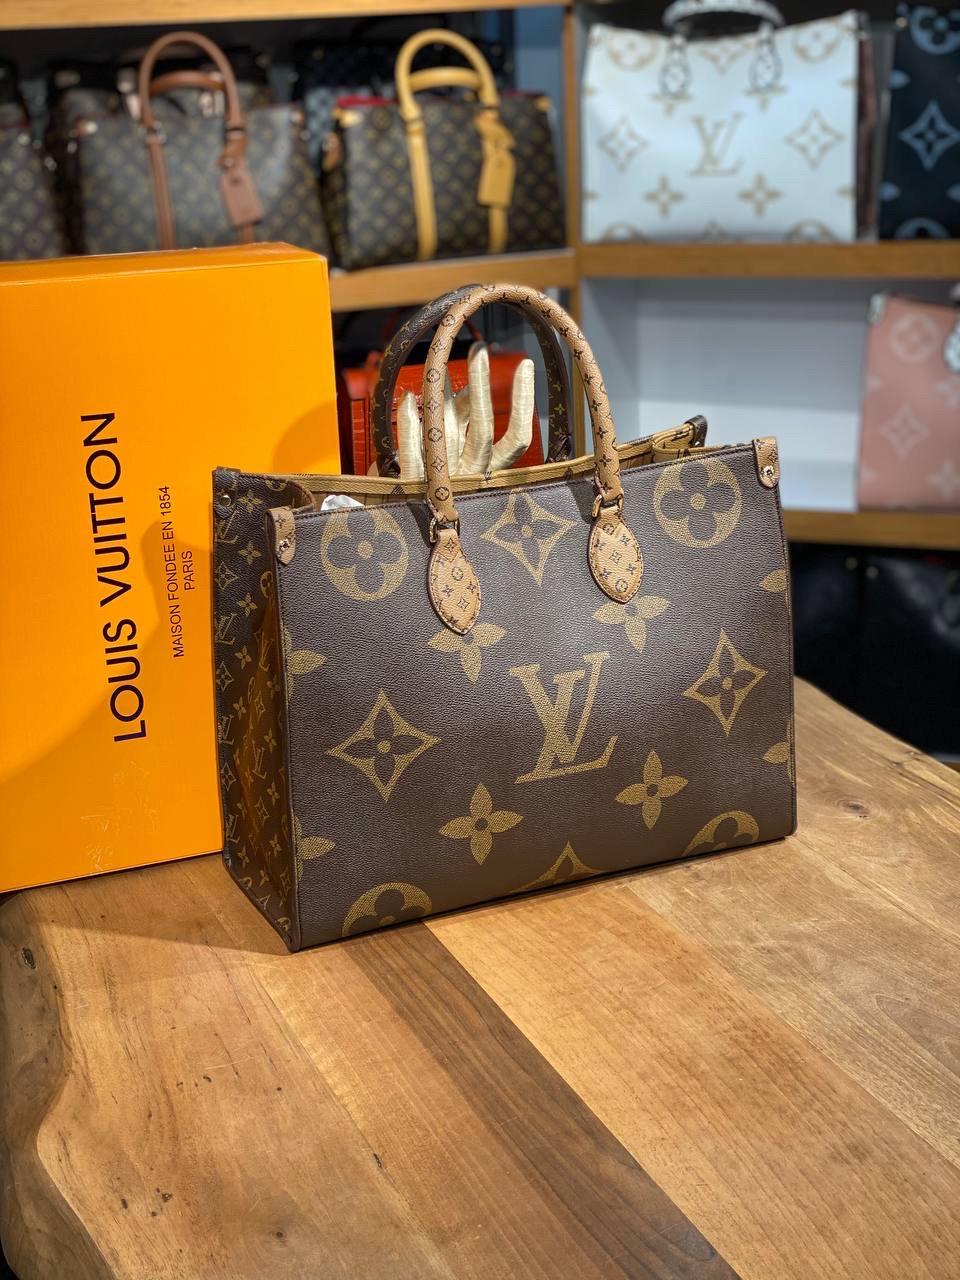 Сумка жіноча Louis Vuitton\двостороння\натуральня канва\сумка в стилі луї вітон (люкс копія)